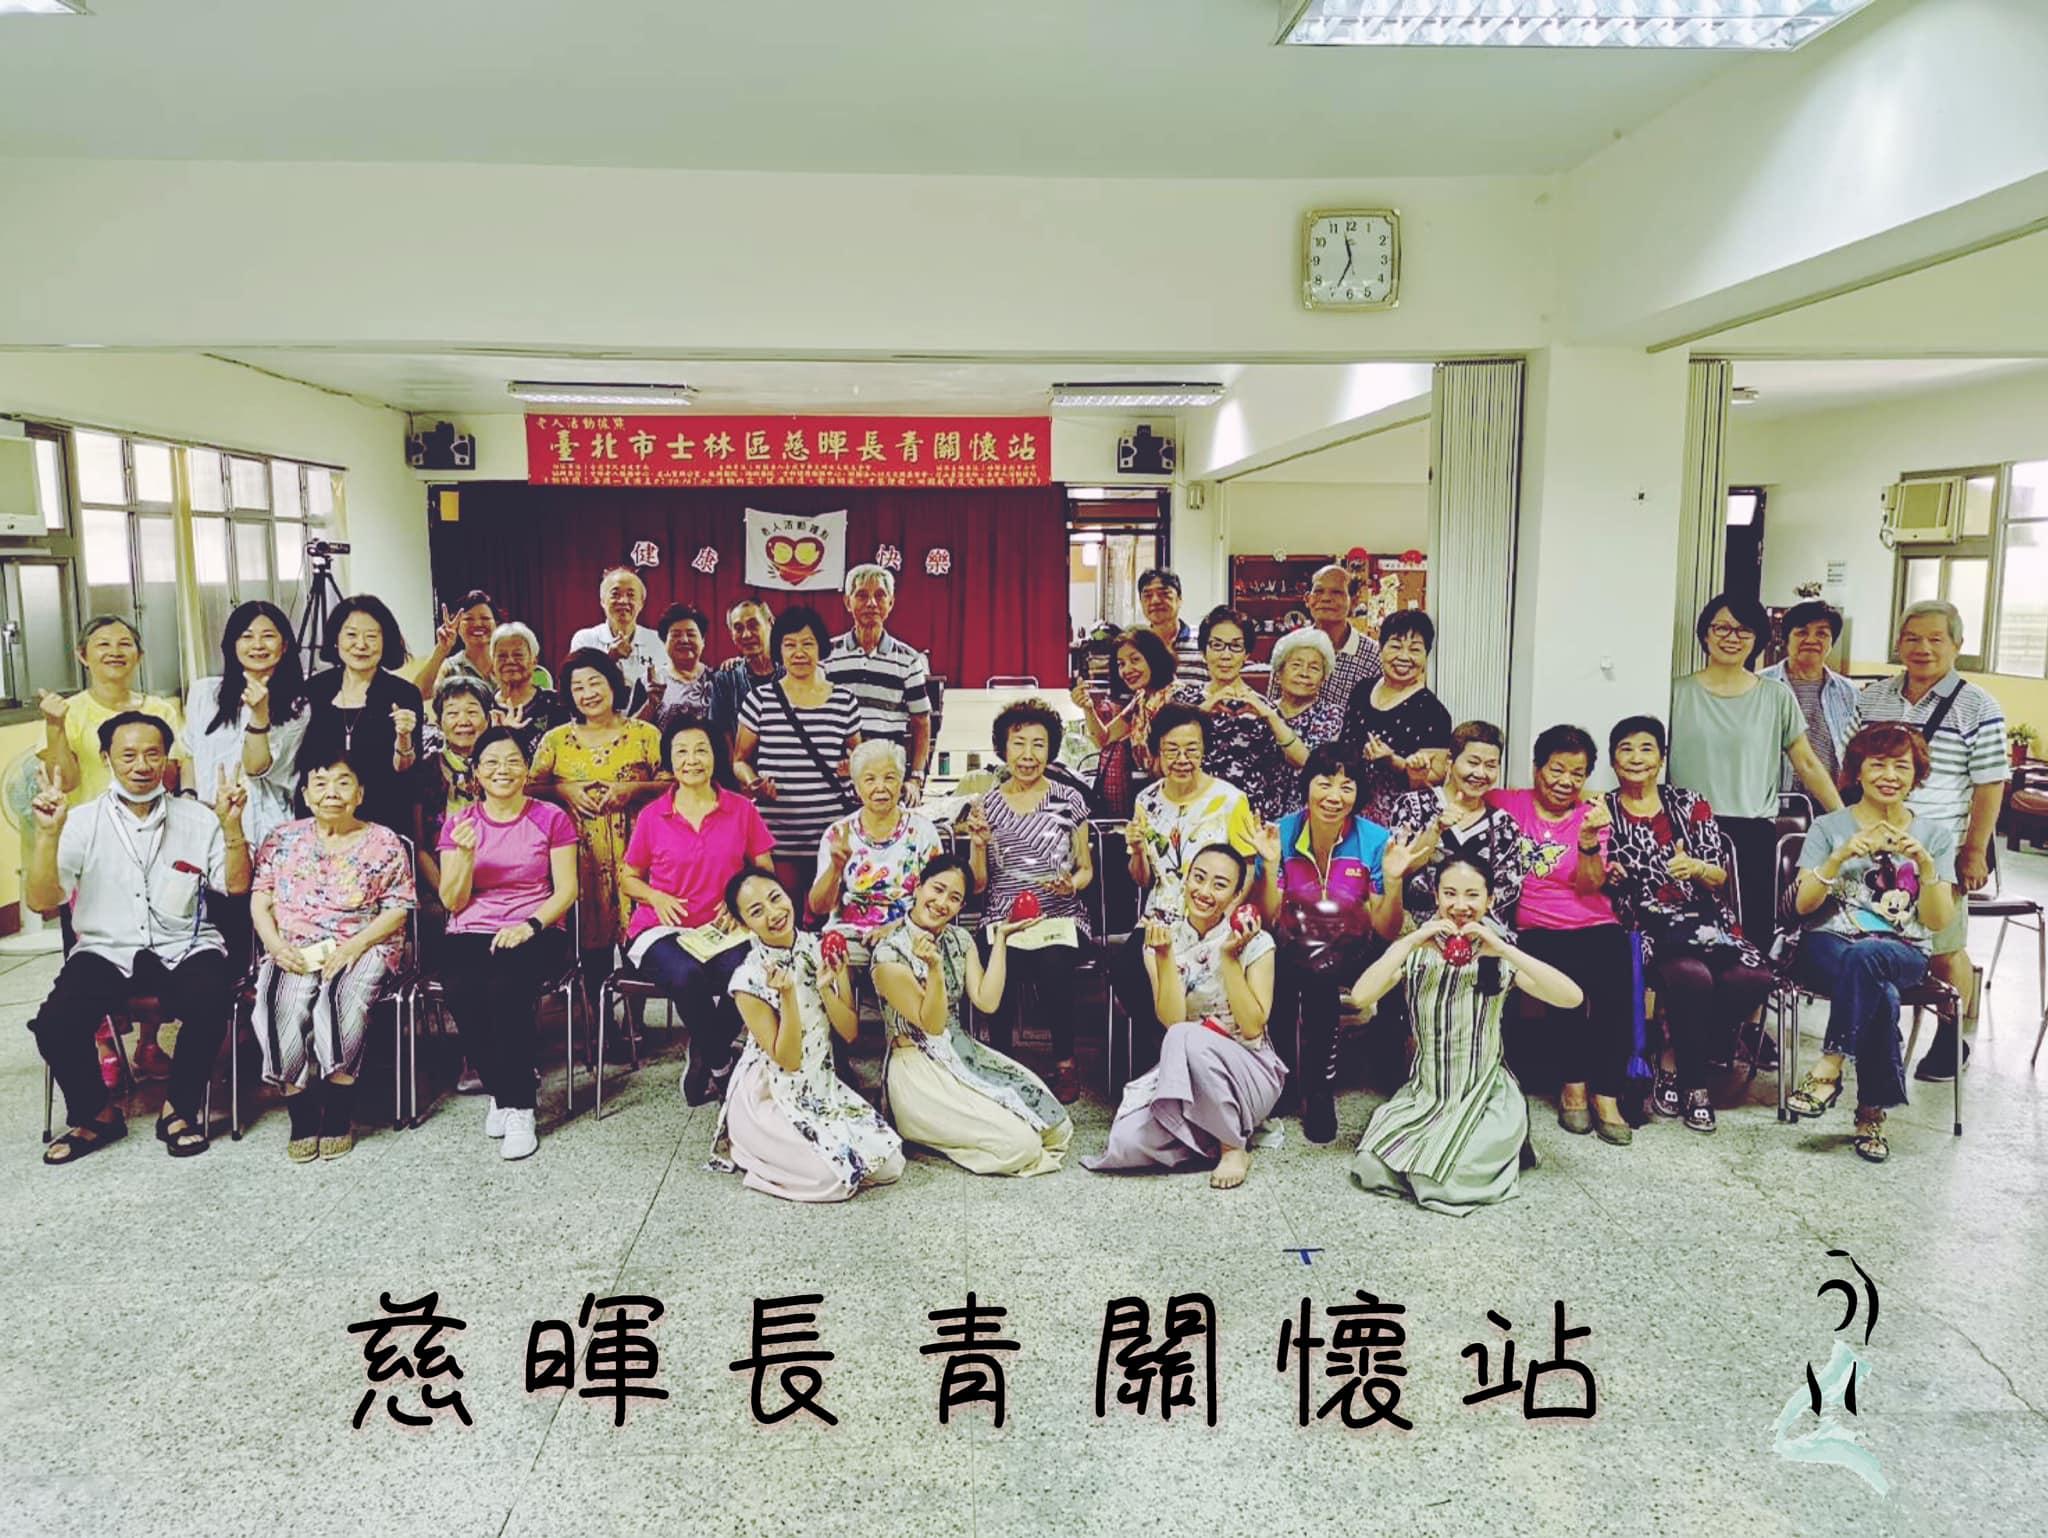 慈暉0902